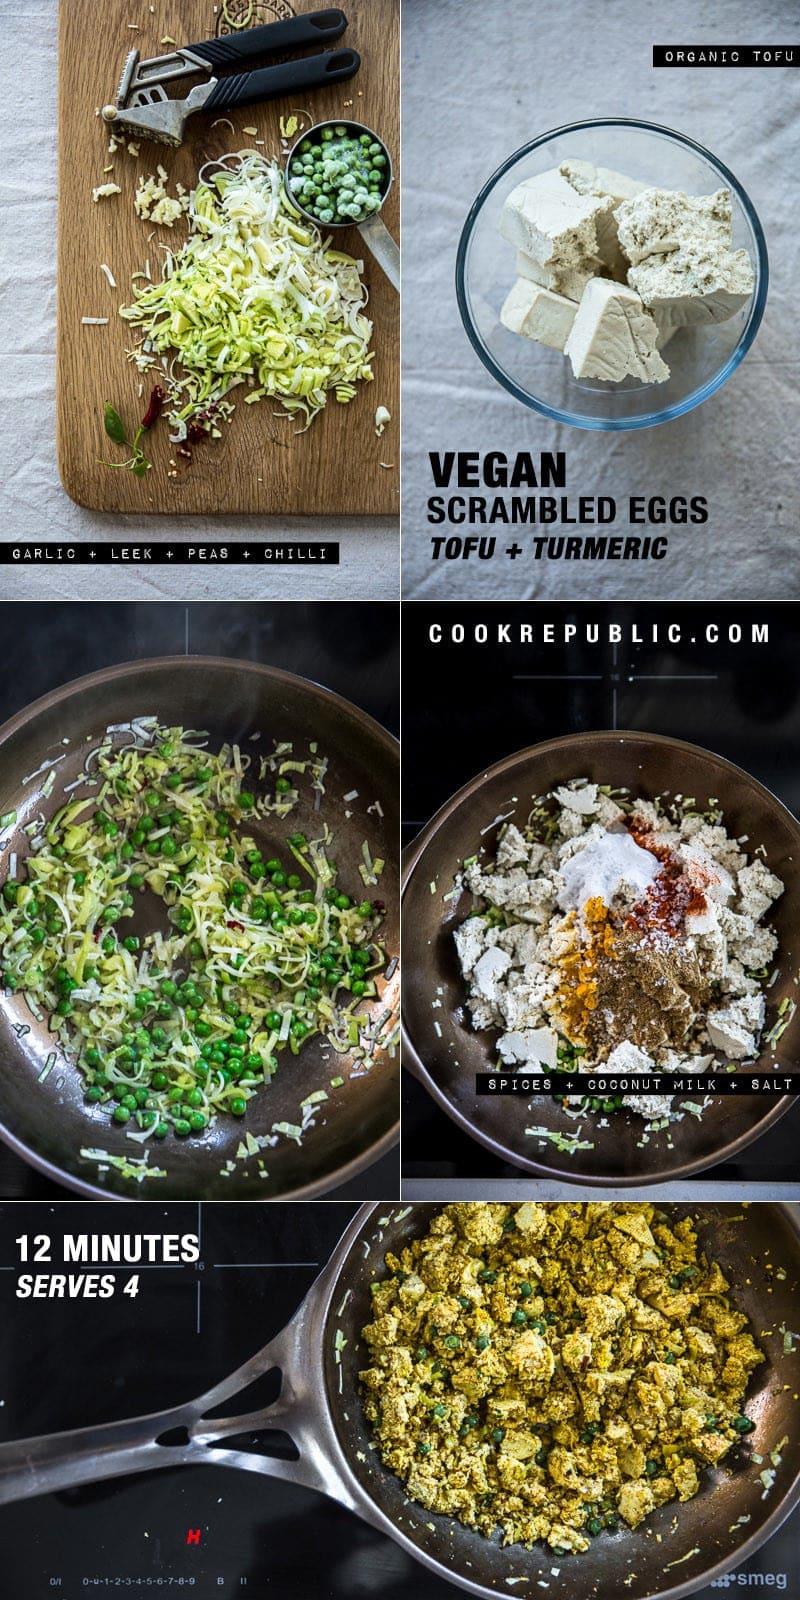 Vegan Scrambled Spice Eggs - Cook Republic